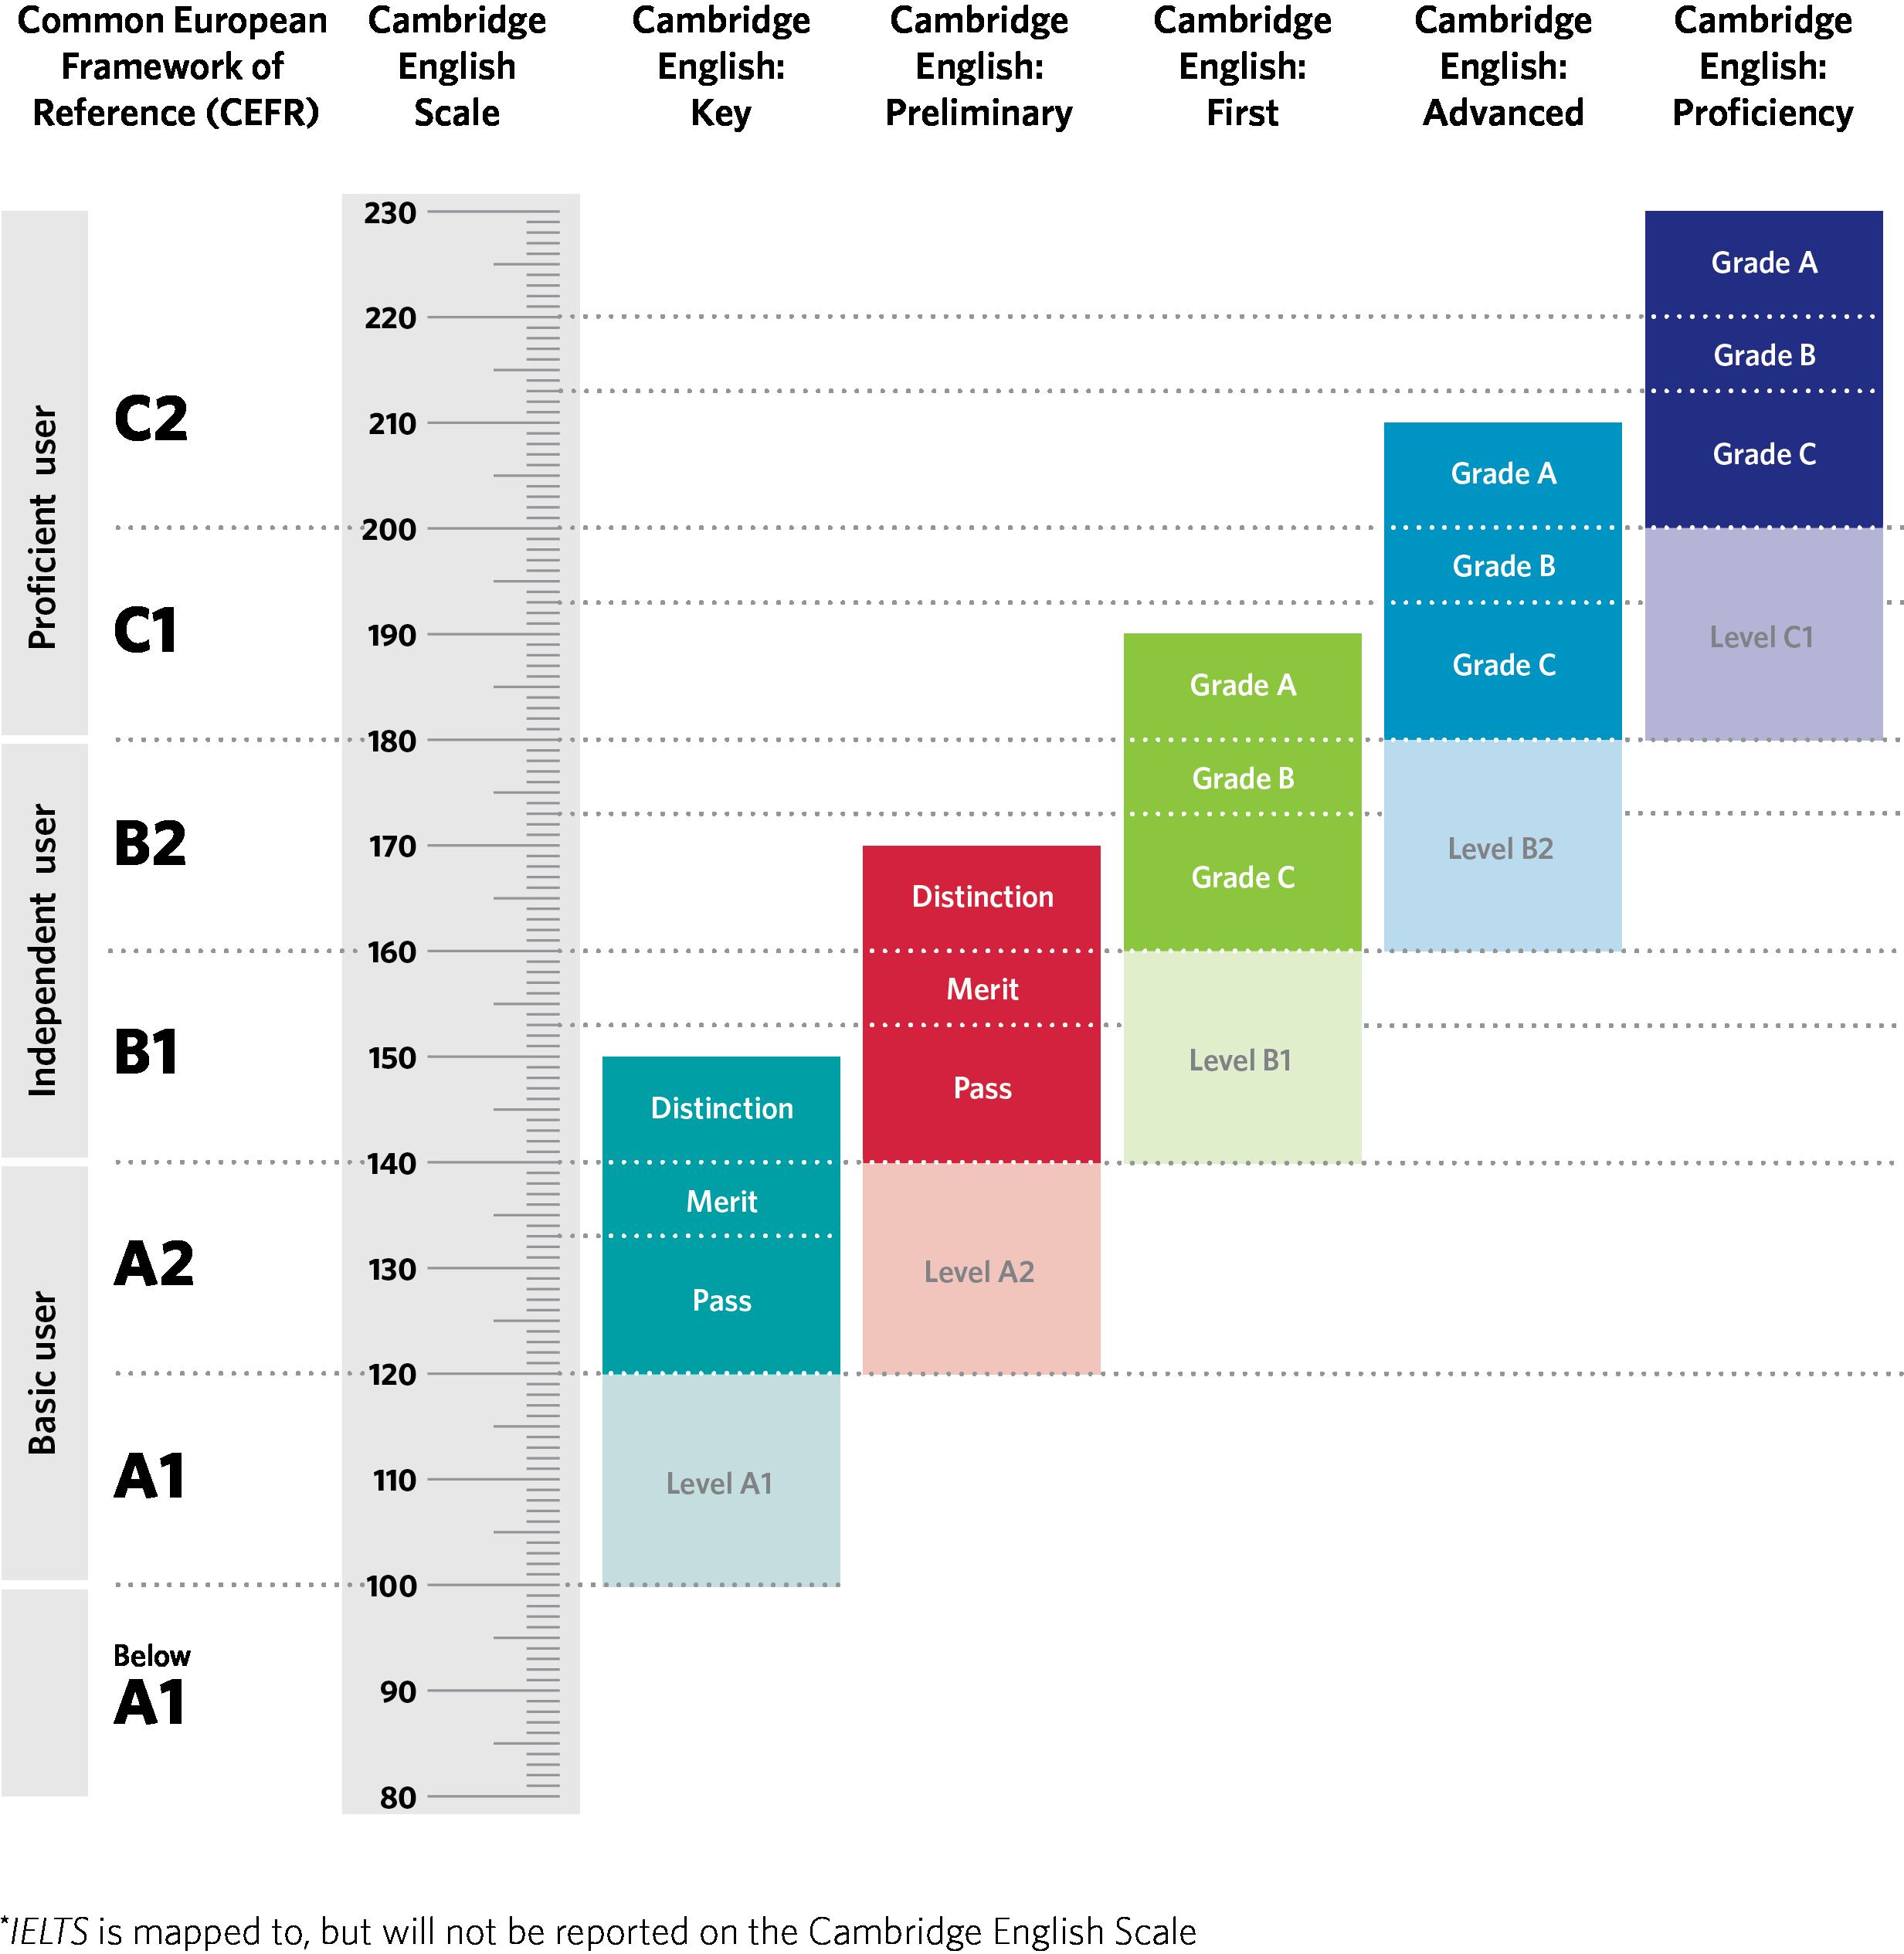 Distintos niveles de los exámenes de Cambridge junto con puntuaciones y equivalencias entre ellos